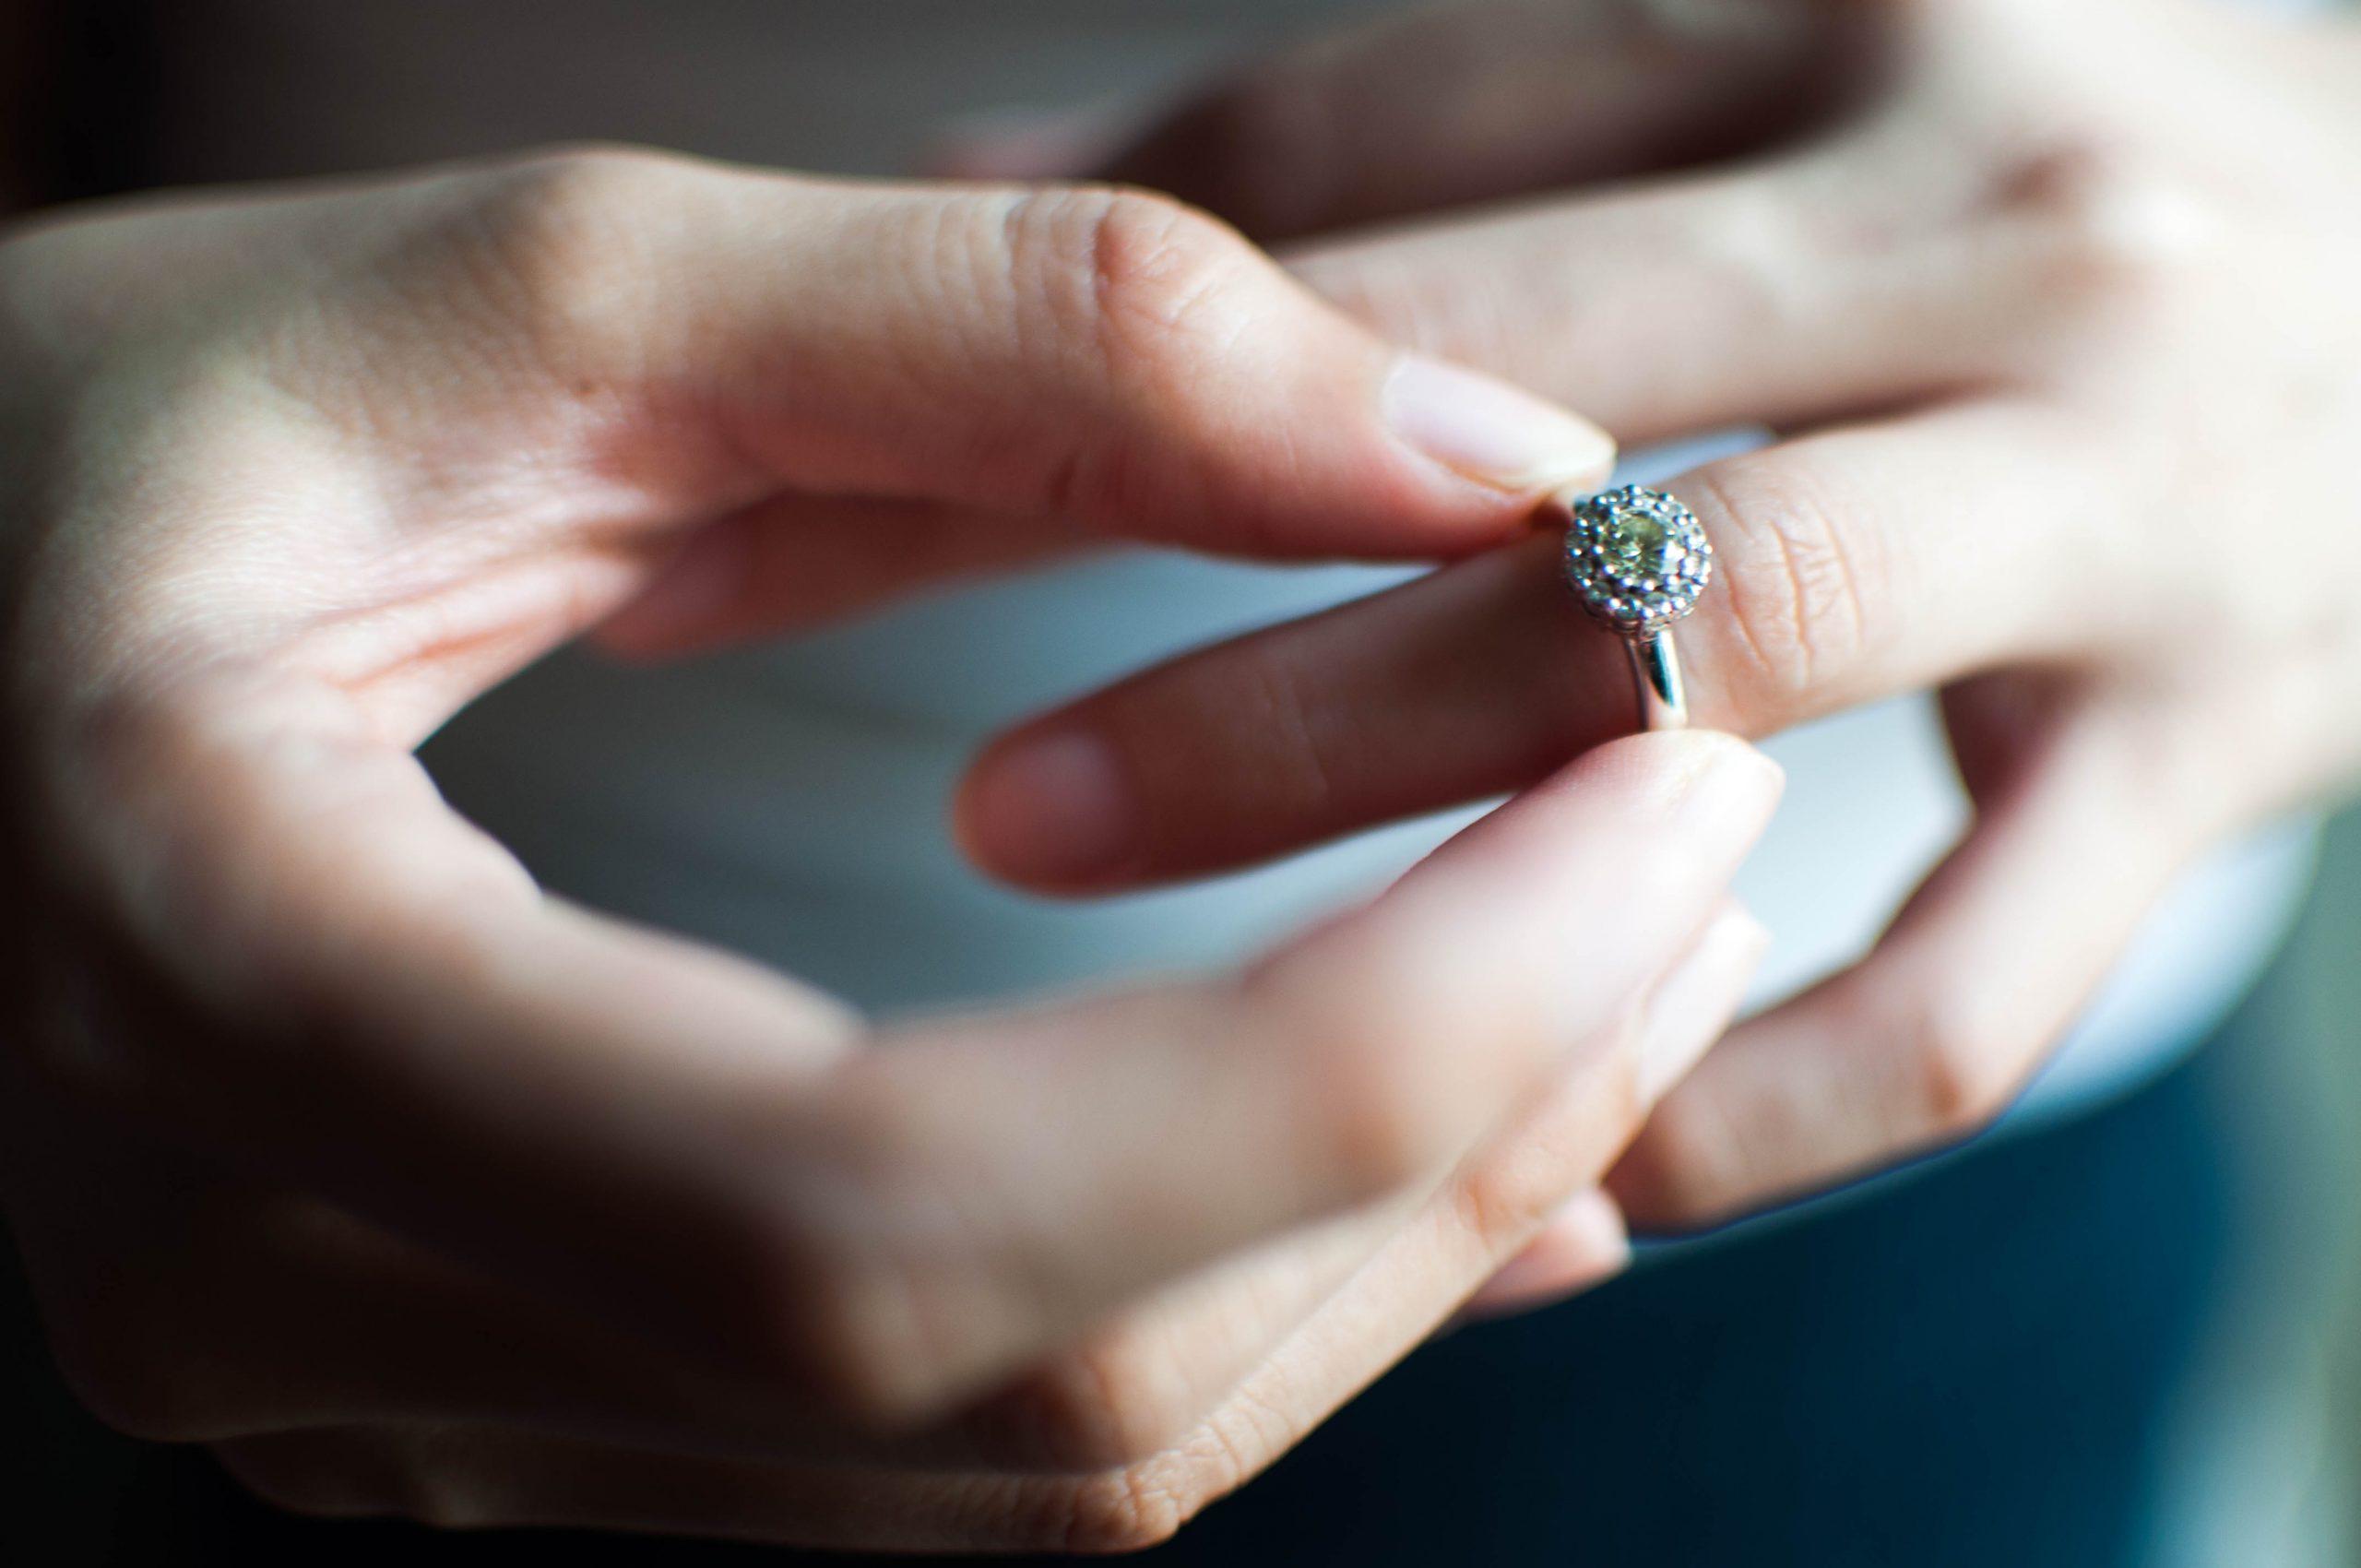 Woman gets slammed for manipulative behavior during proposal